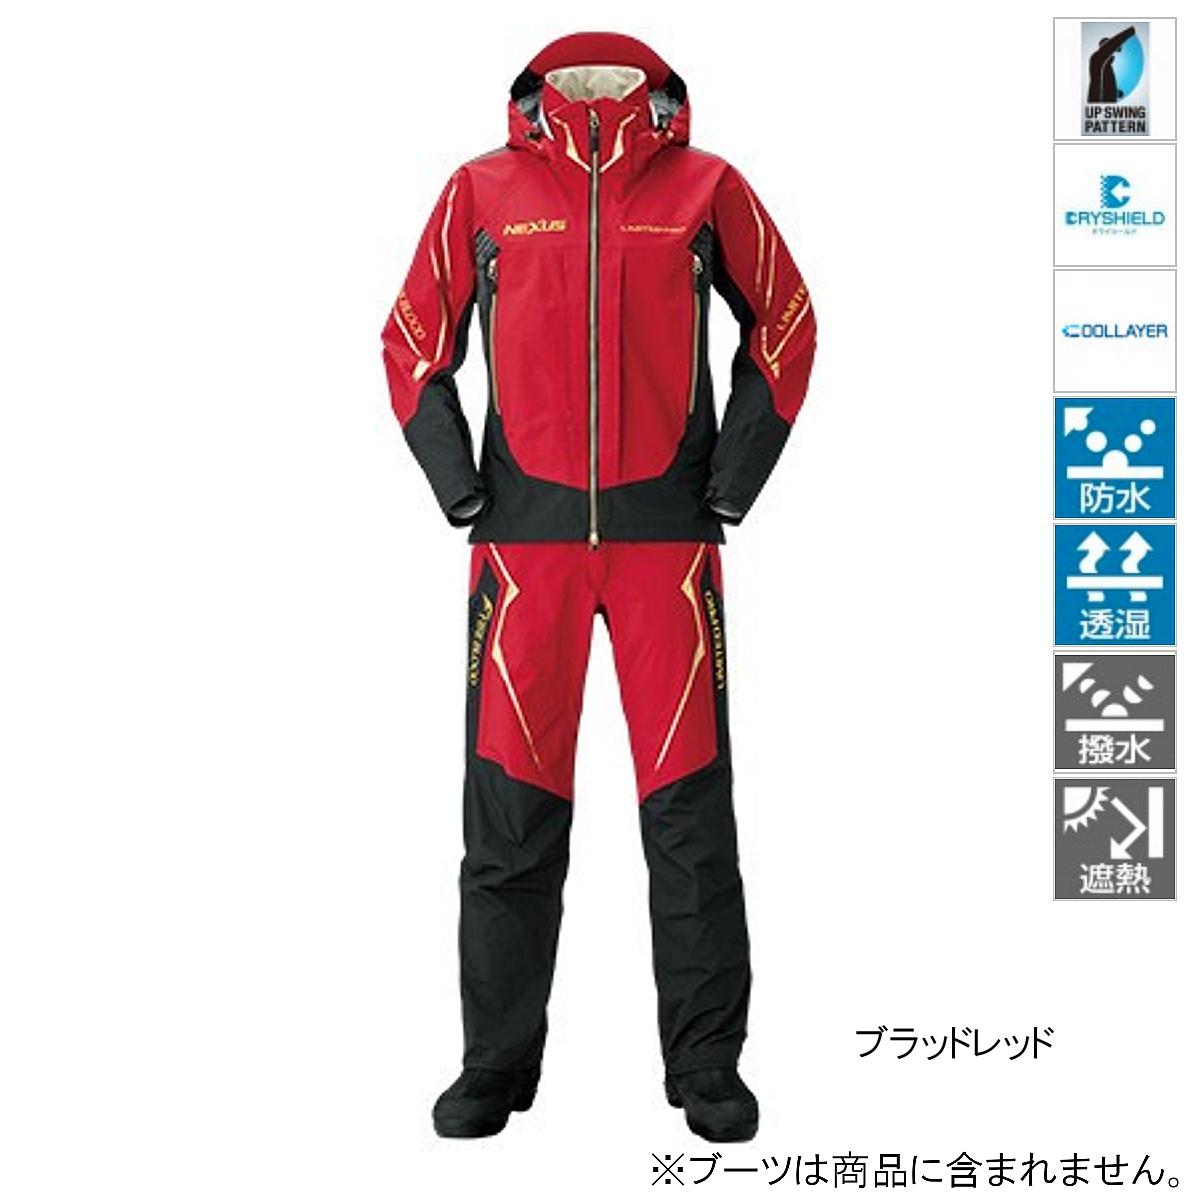 シマノ NEXUS DS クール レインスーツ LIMITED PRO RA-123R 2XL ブラッドレッド(東日本店)